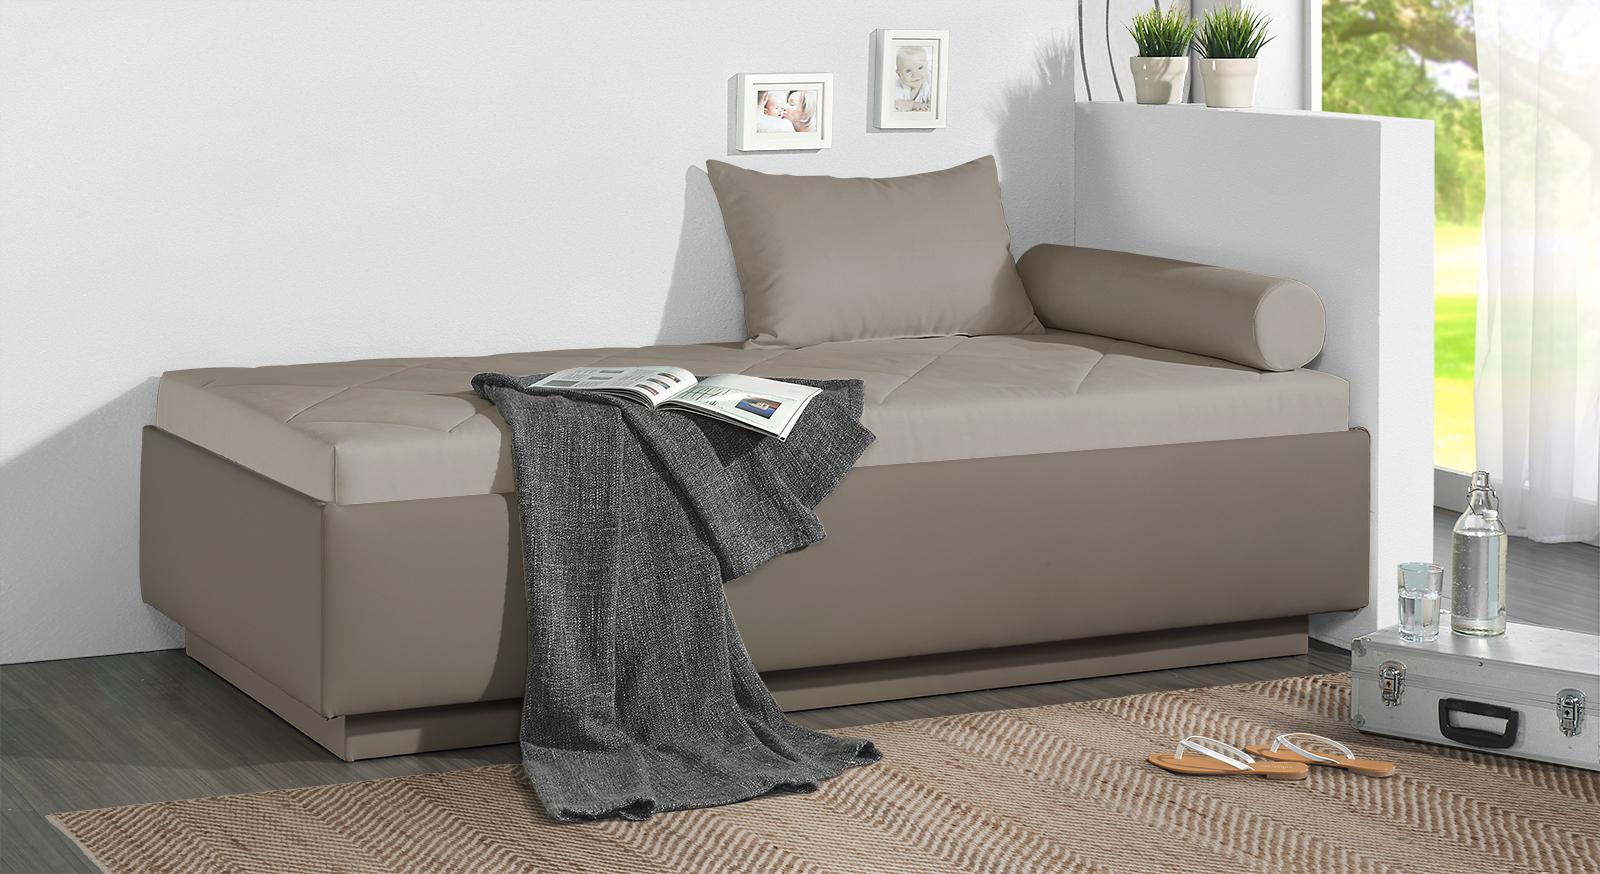 Relaxliege Eriko in graubeigem Microvelours und taupefarbenem Kunstleder